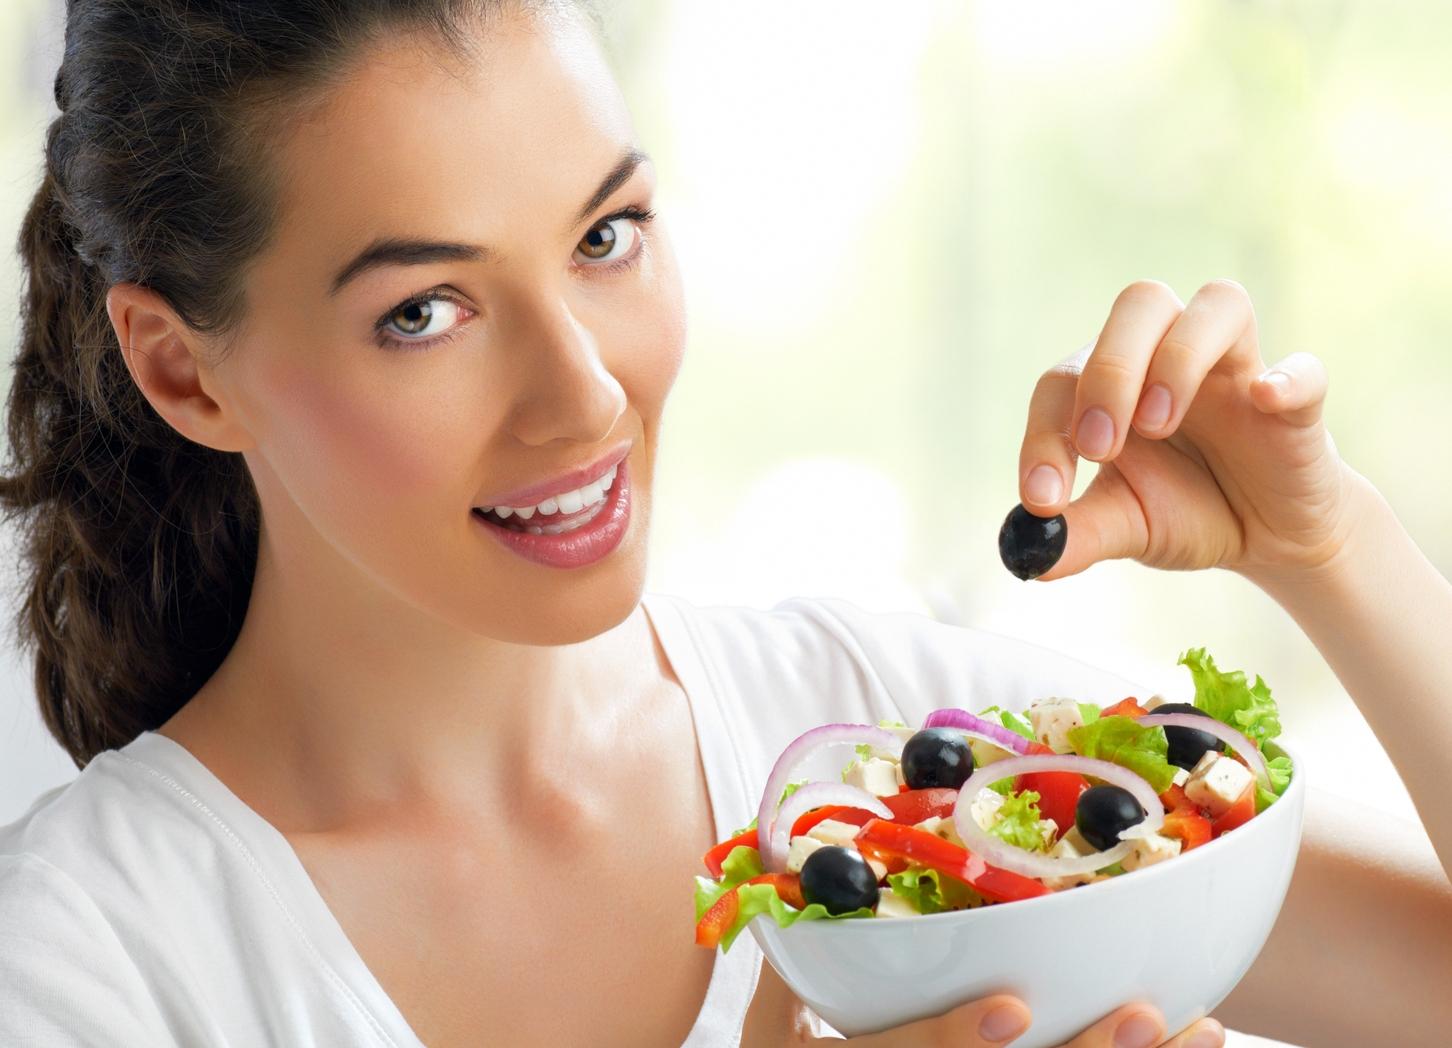 Рациональное питание для похудения меню на неделю для женщин